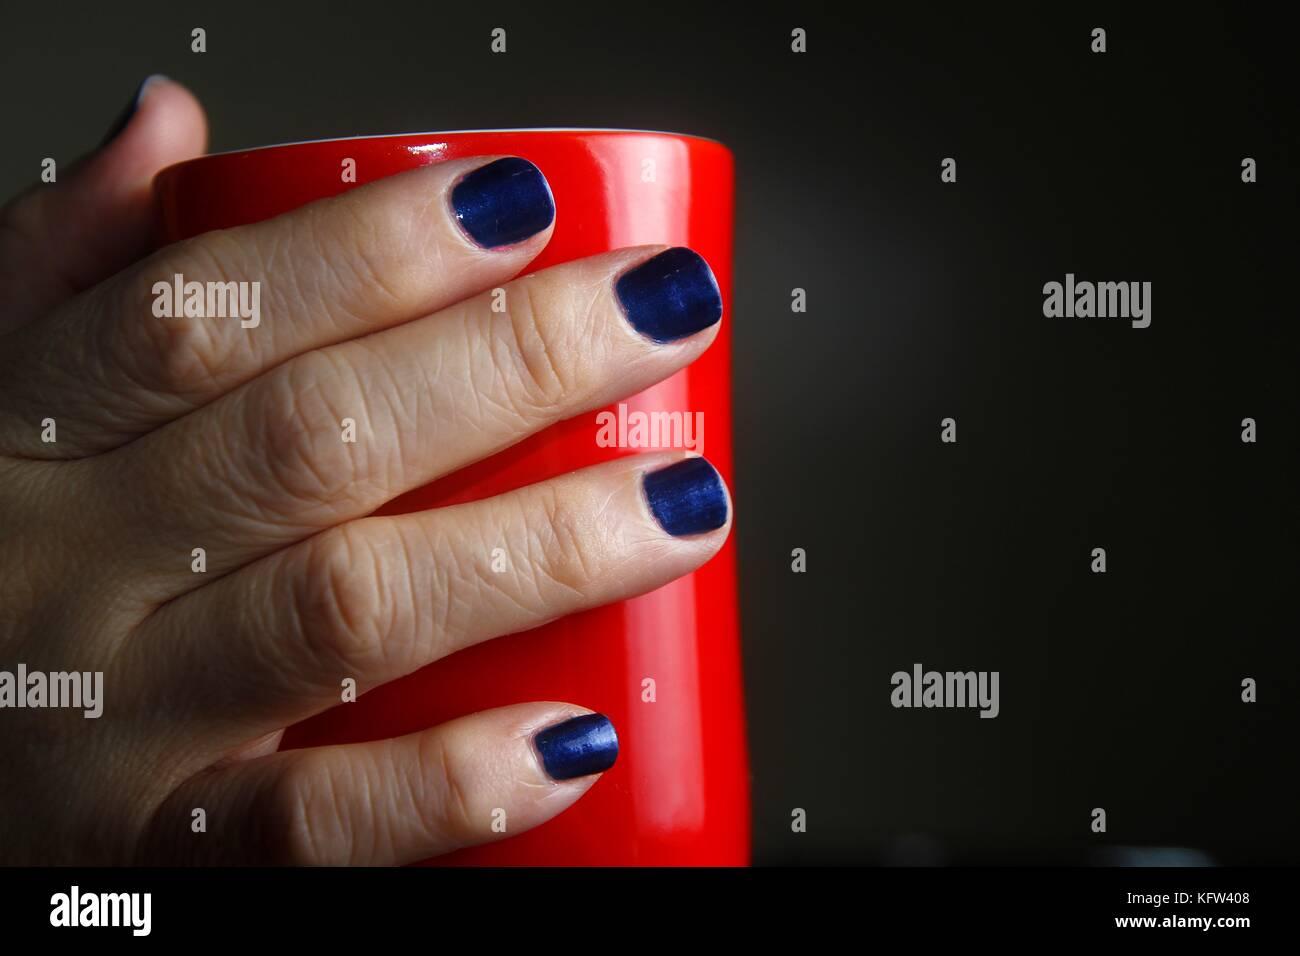 Foto von einem Paar Hände mit polierten Nägel rote Kaffeetasse ...